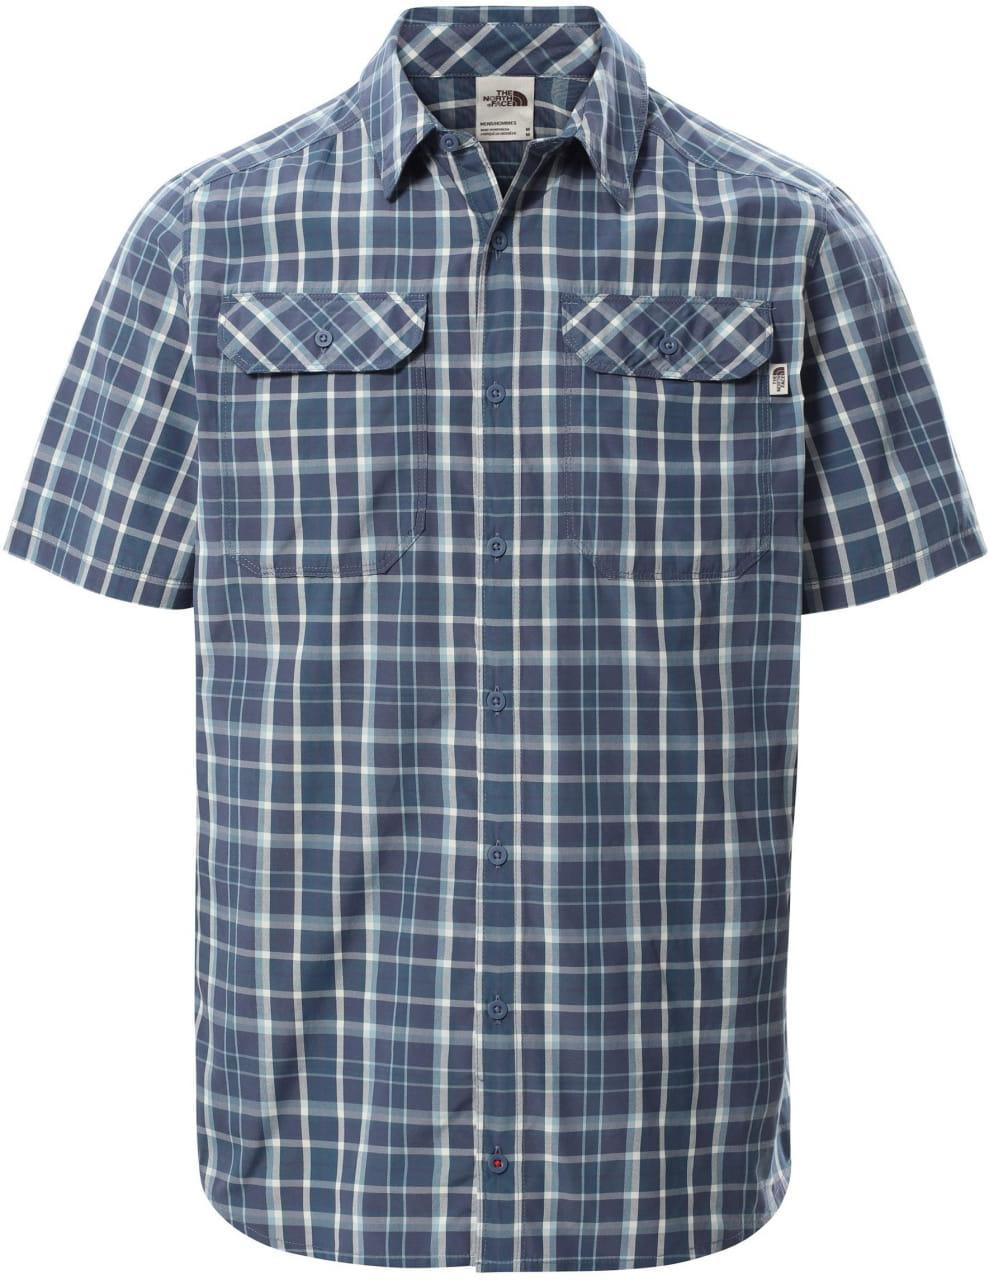 Pánská košile s krátkými rukávy The North Face Men's S/S PINE KNOT SHT